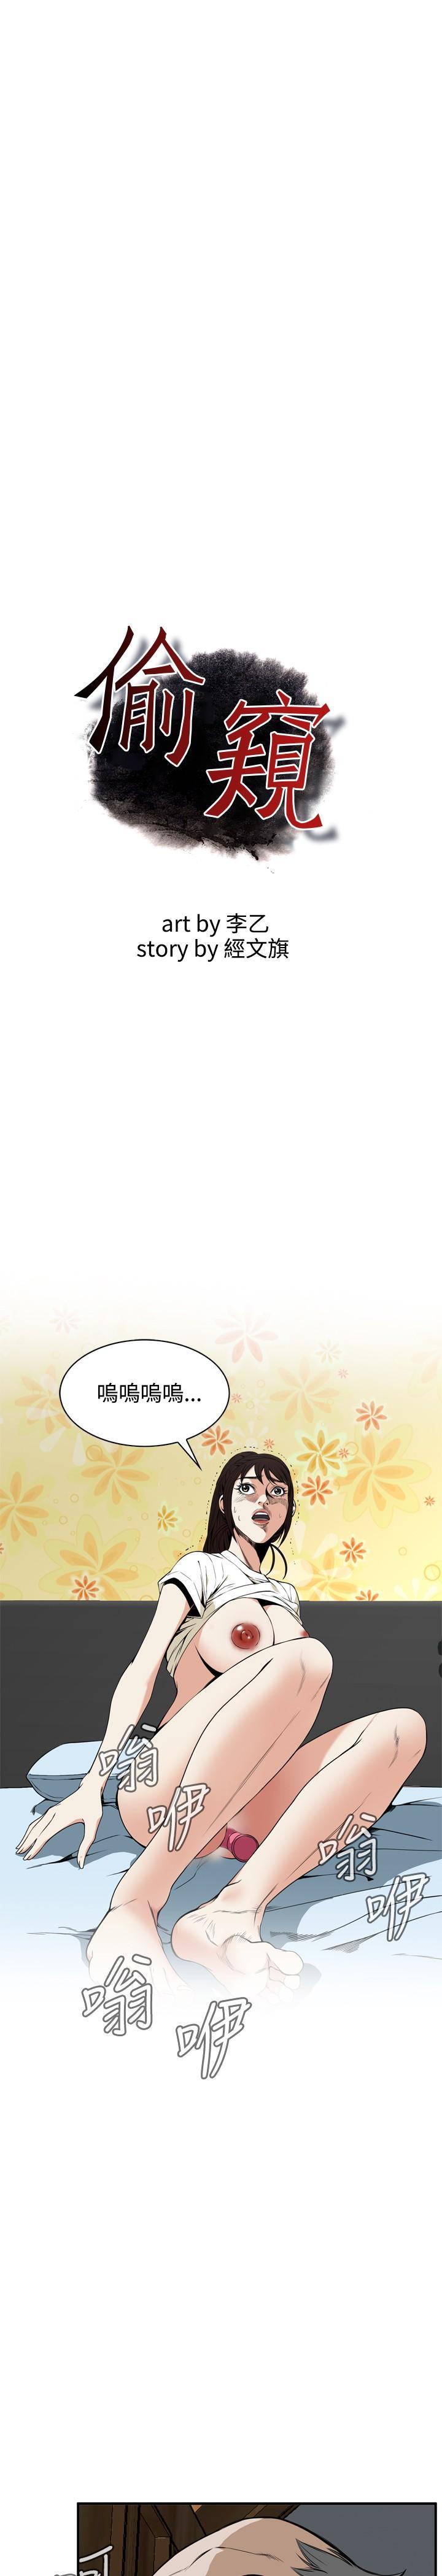 Take a Peek 偷窥 Ch.39-40 1